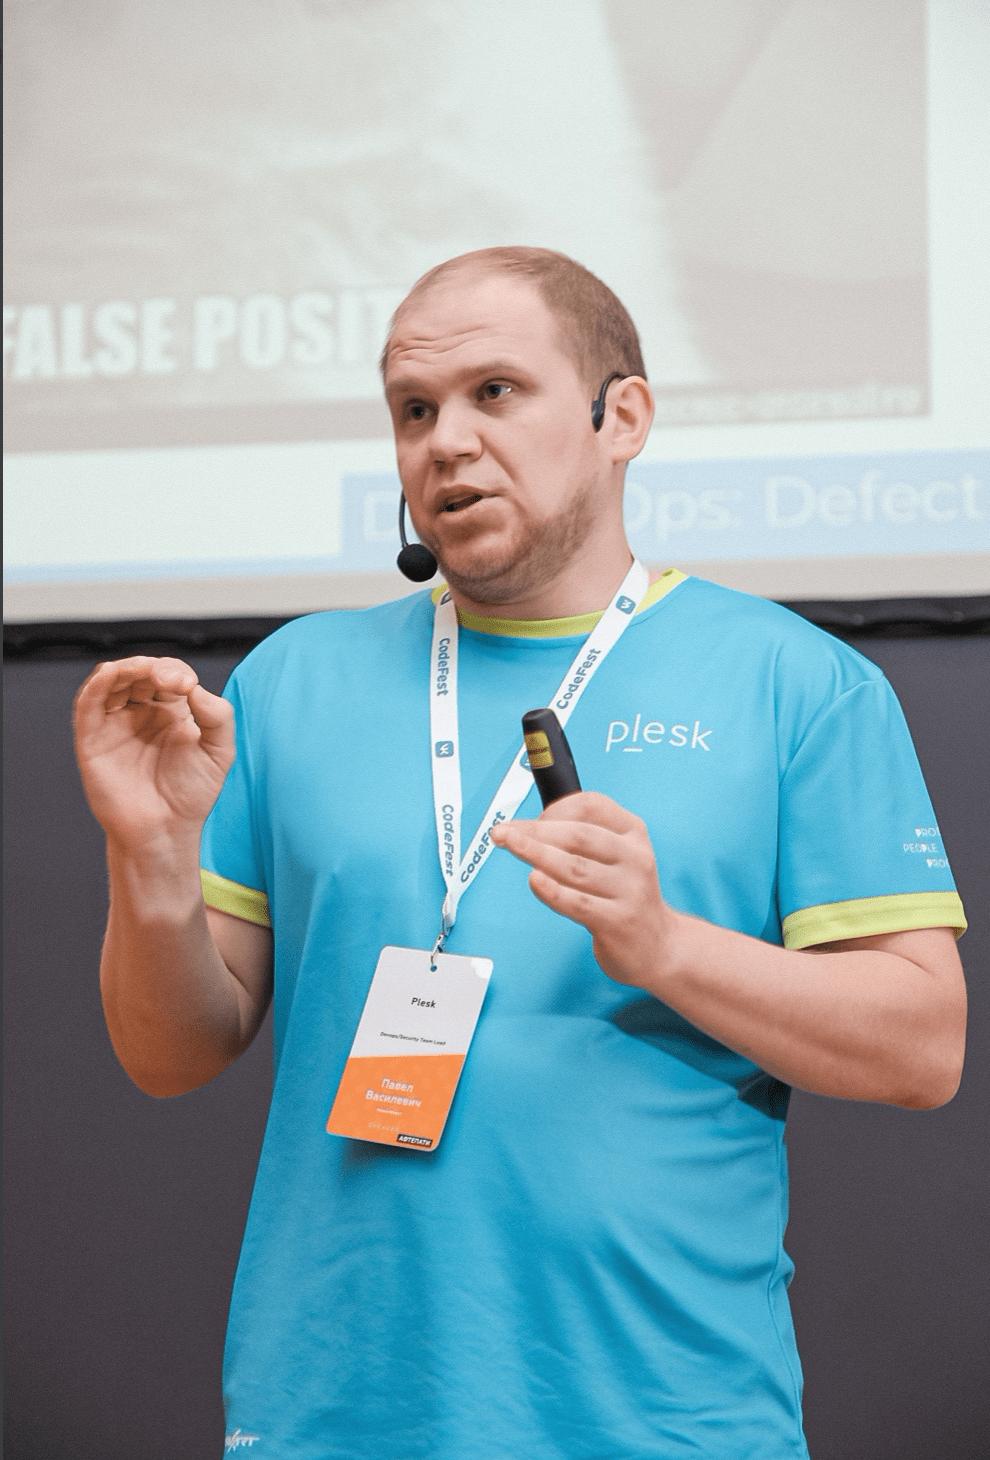 CodeFest speaker Pavel Vasilevich Plesk